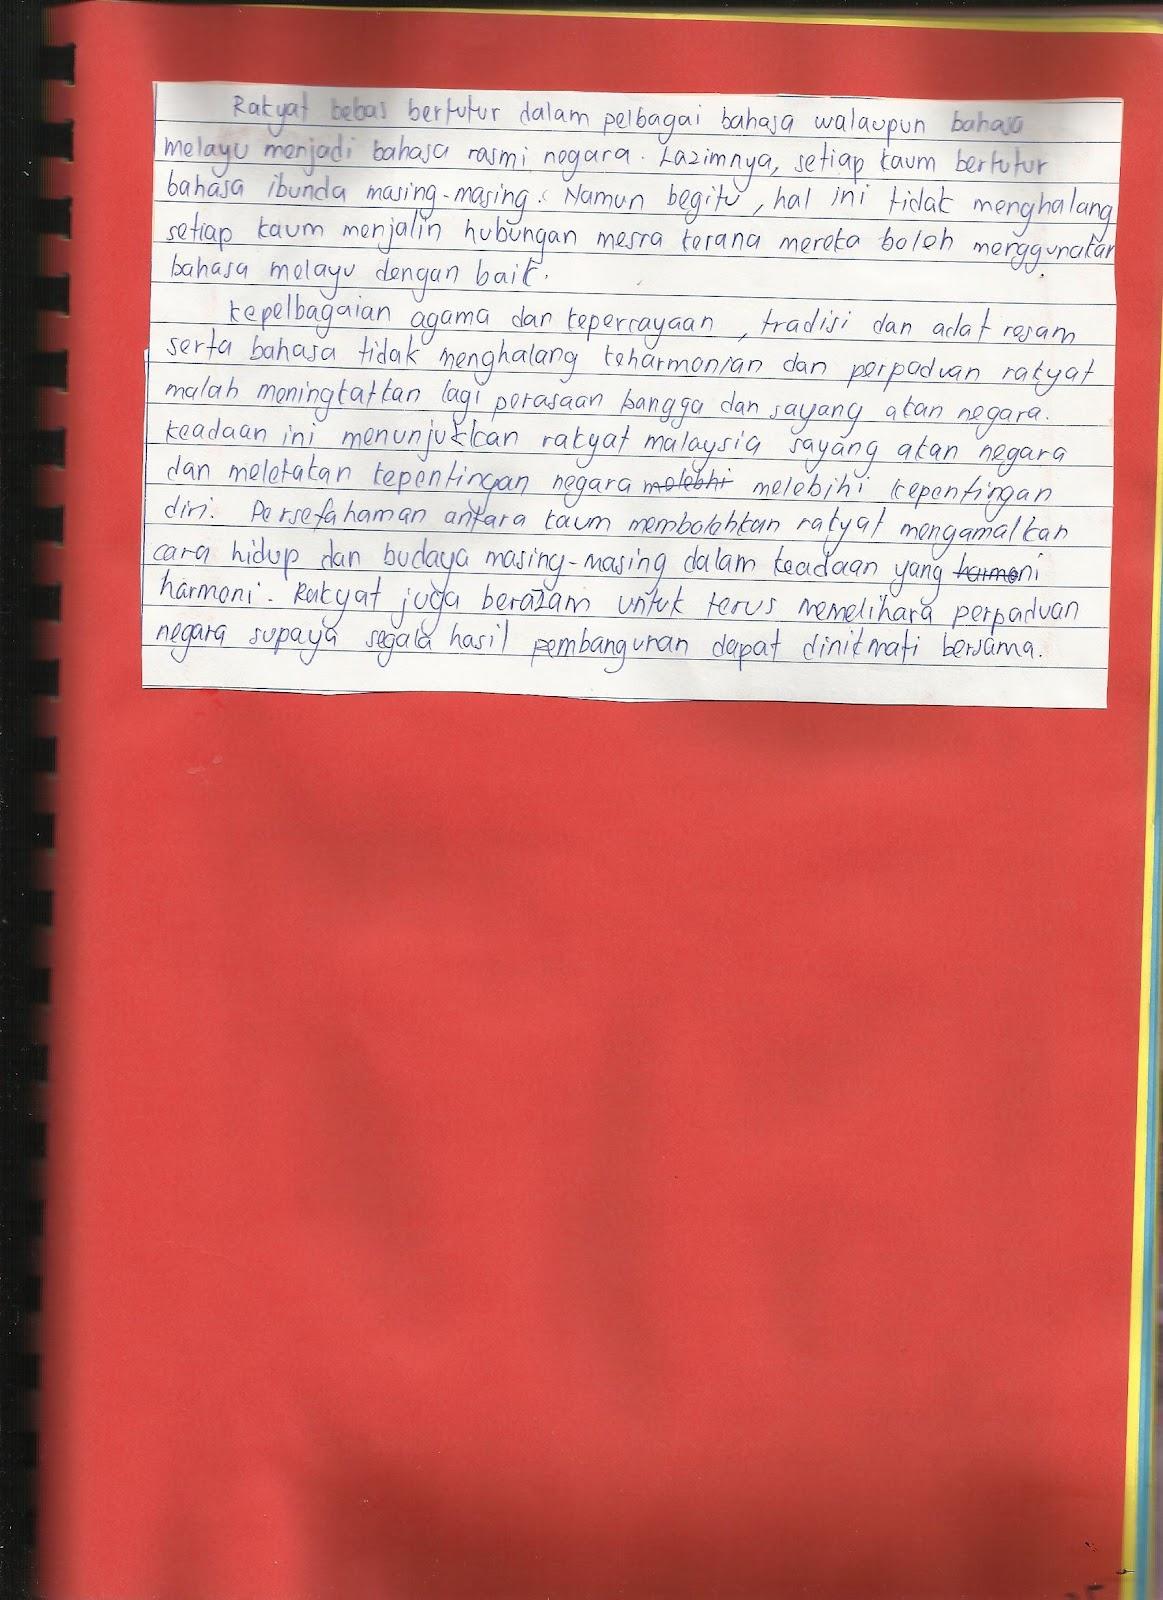 contoh essay folio pendidikan moral  contoh essay folio pendidikan moral